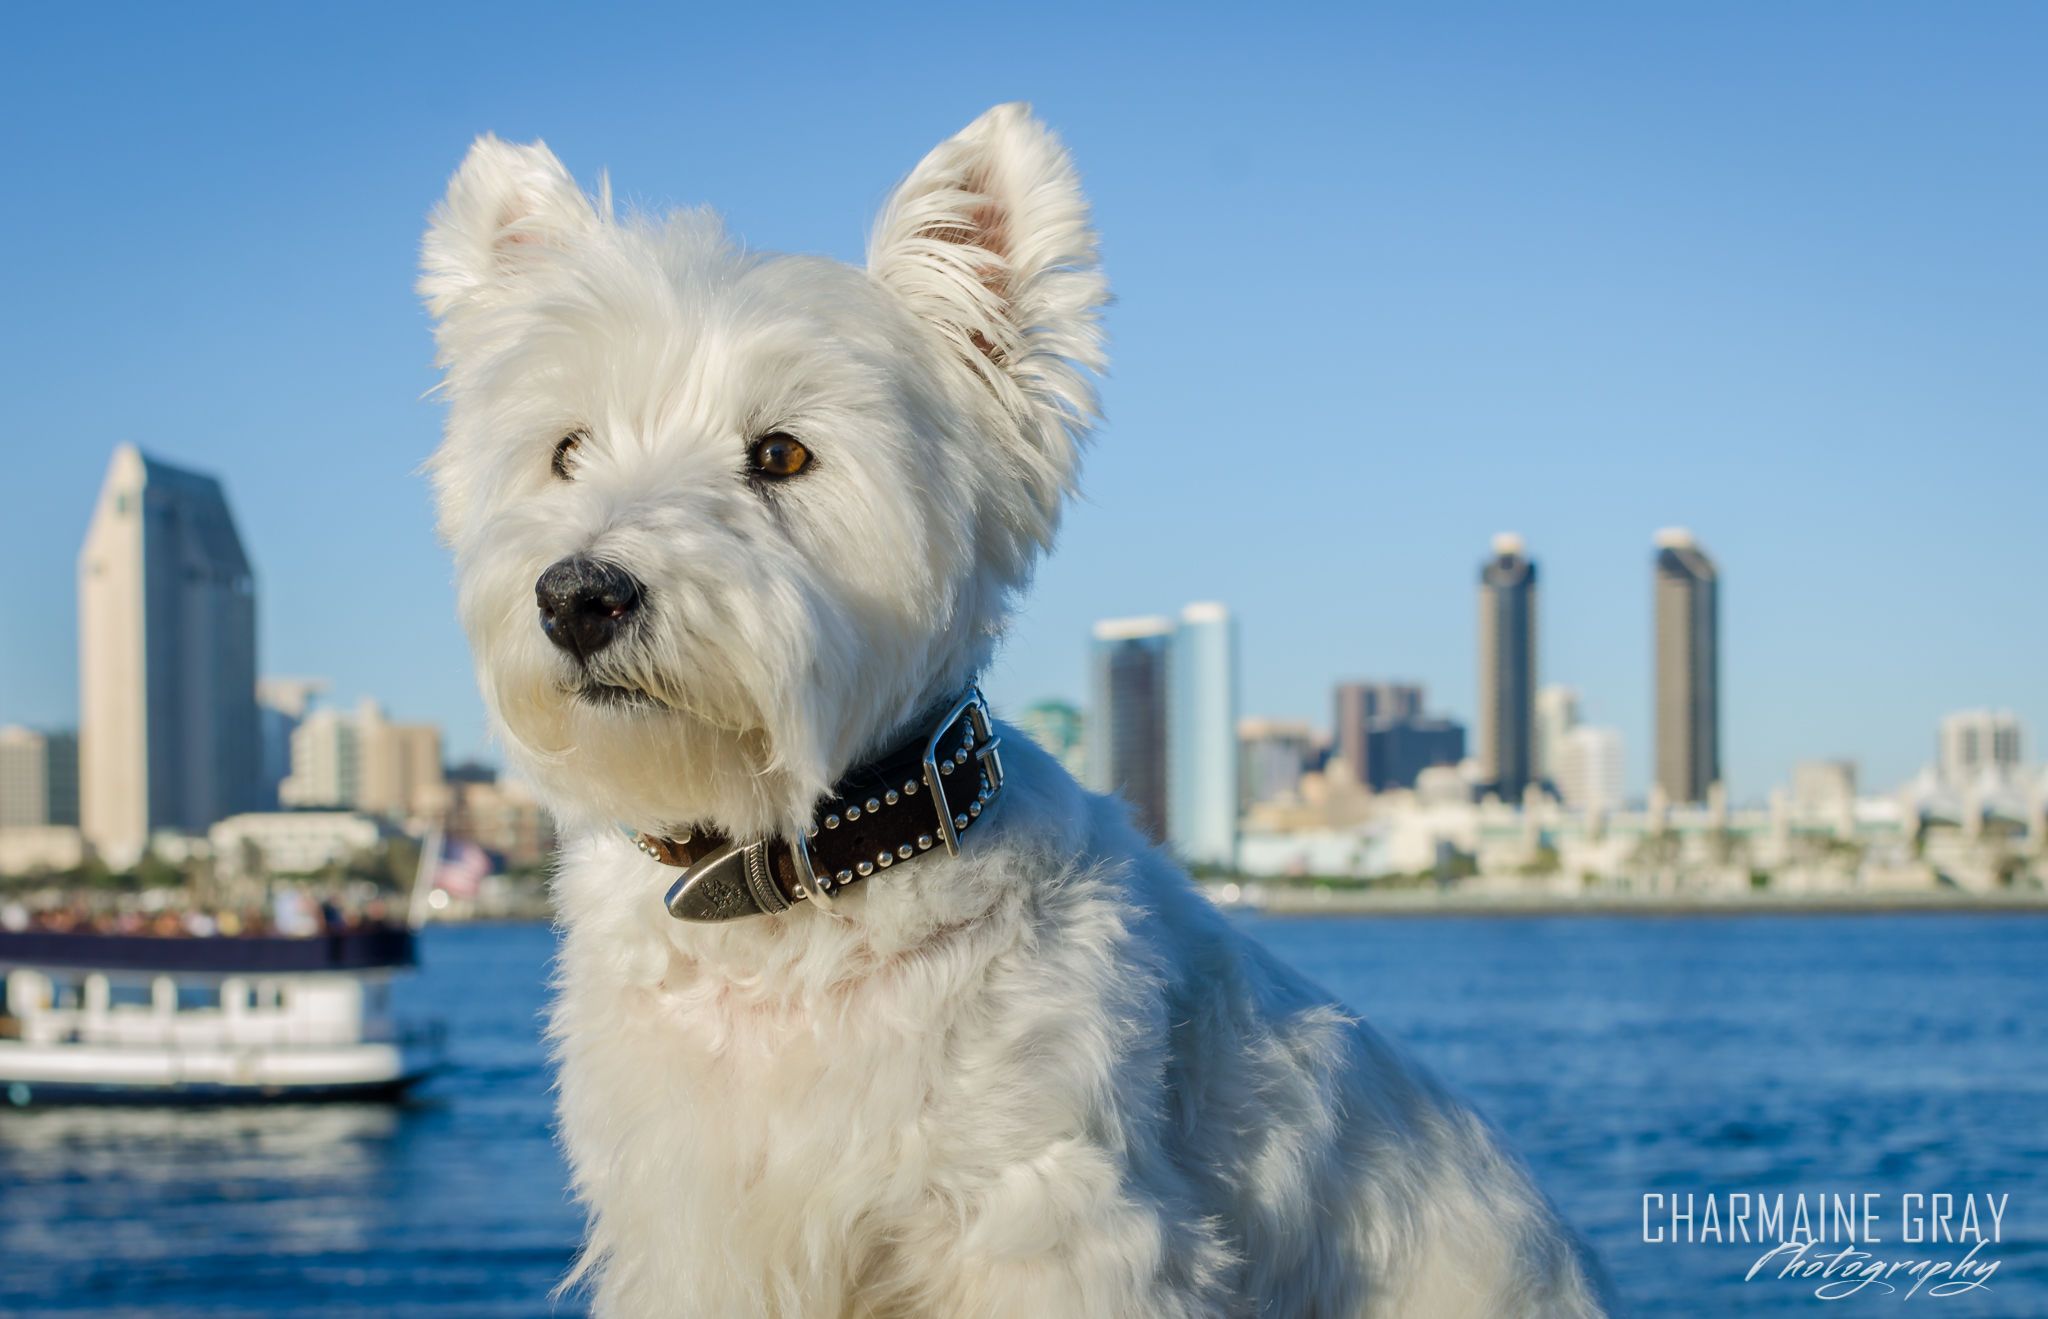 pet photographer, pet photography, pet portrait, pet, animal, charmaine gray photography, charmaine gray pet photography, san diego,westie,west highland terrier